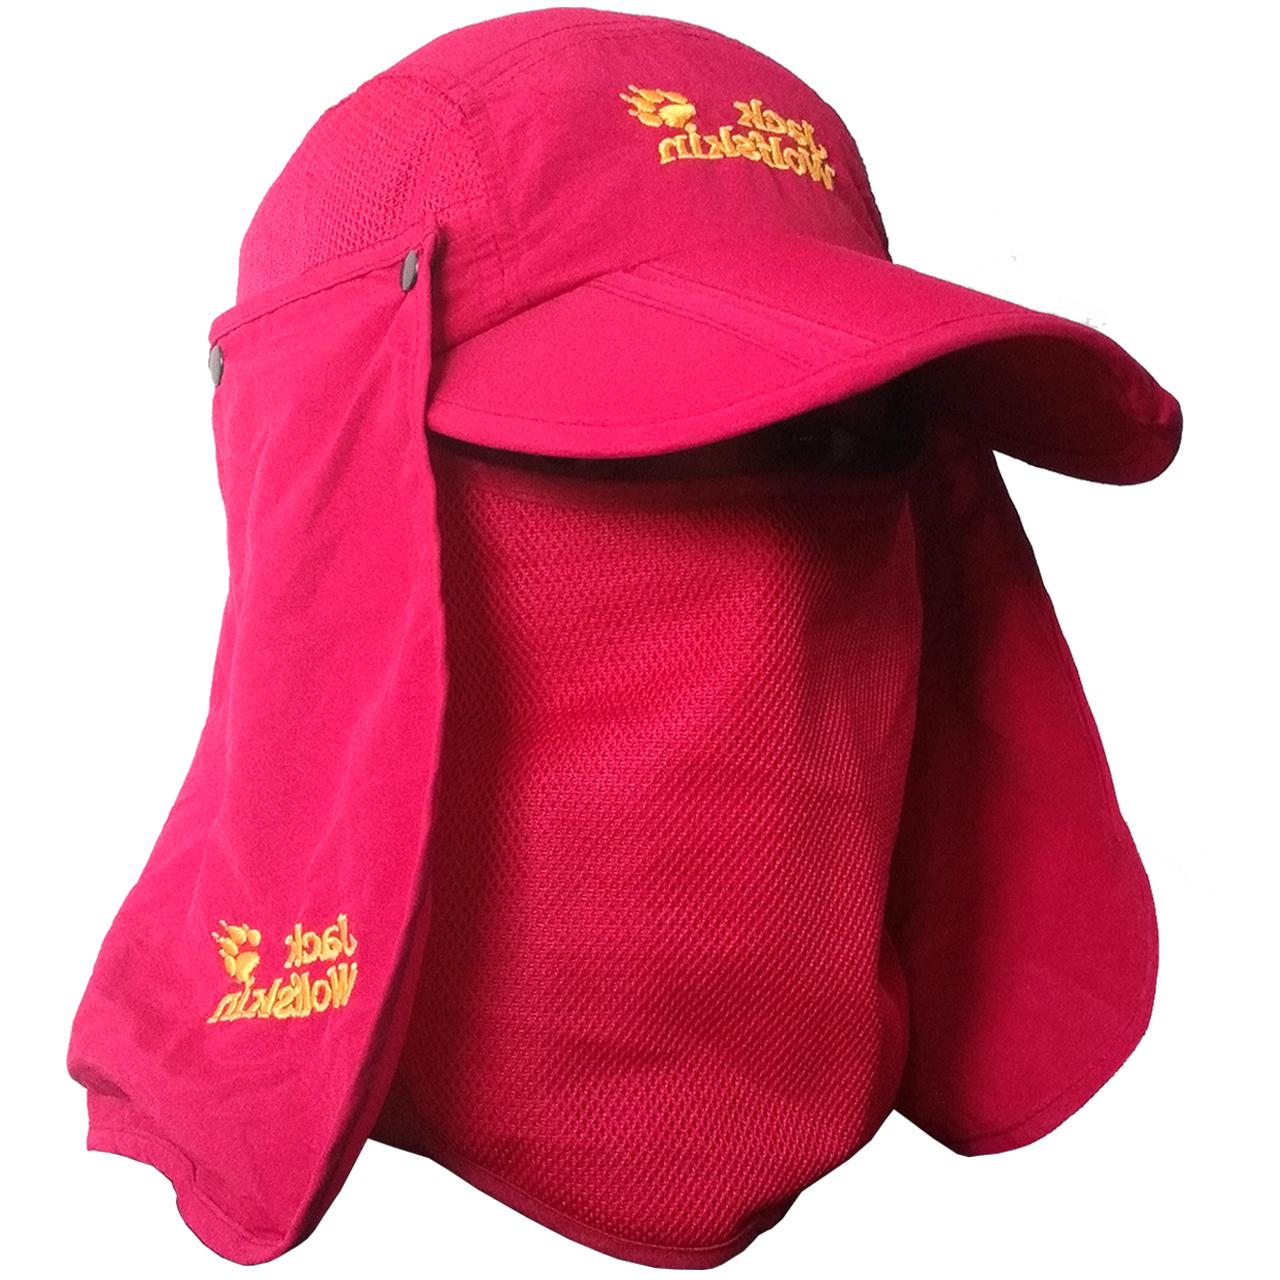 قیمت کلاه کوهنوردی جک ولف اسکین مدل 011